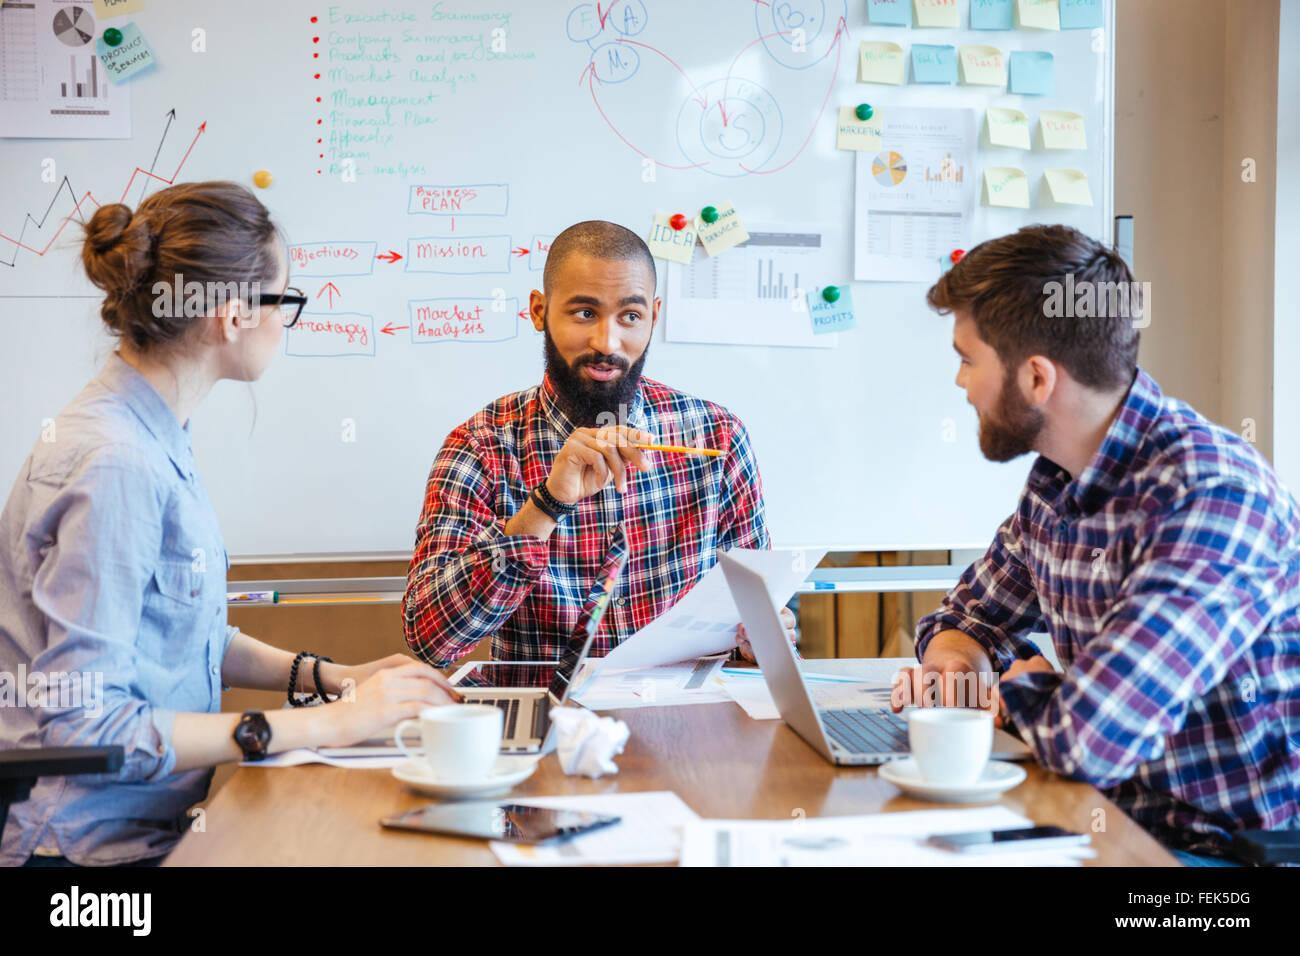 Un gruppo di giovani creativi la creazione di un nuovo progetto insieme nella sala conferenze Immagini Stock